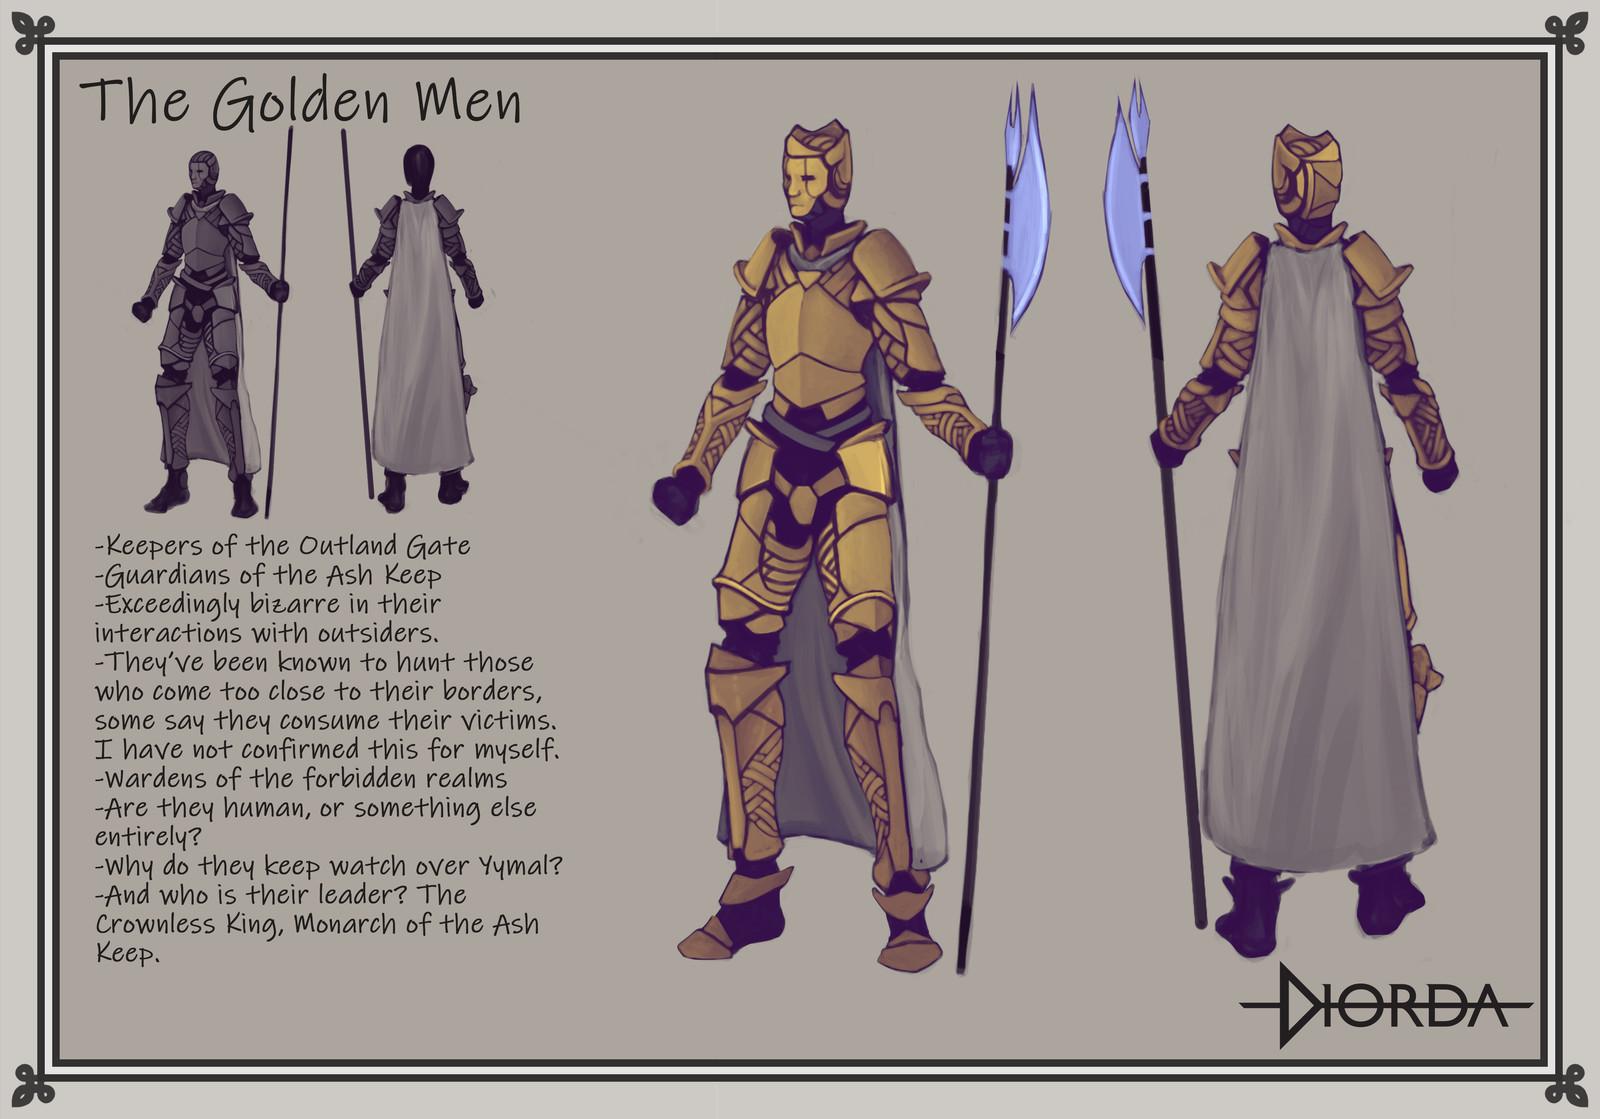 The Golden Men Concept Art